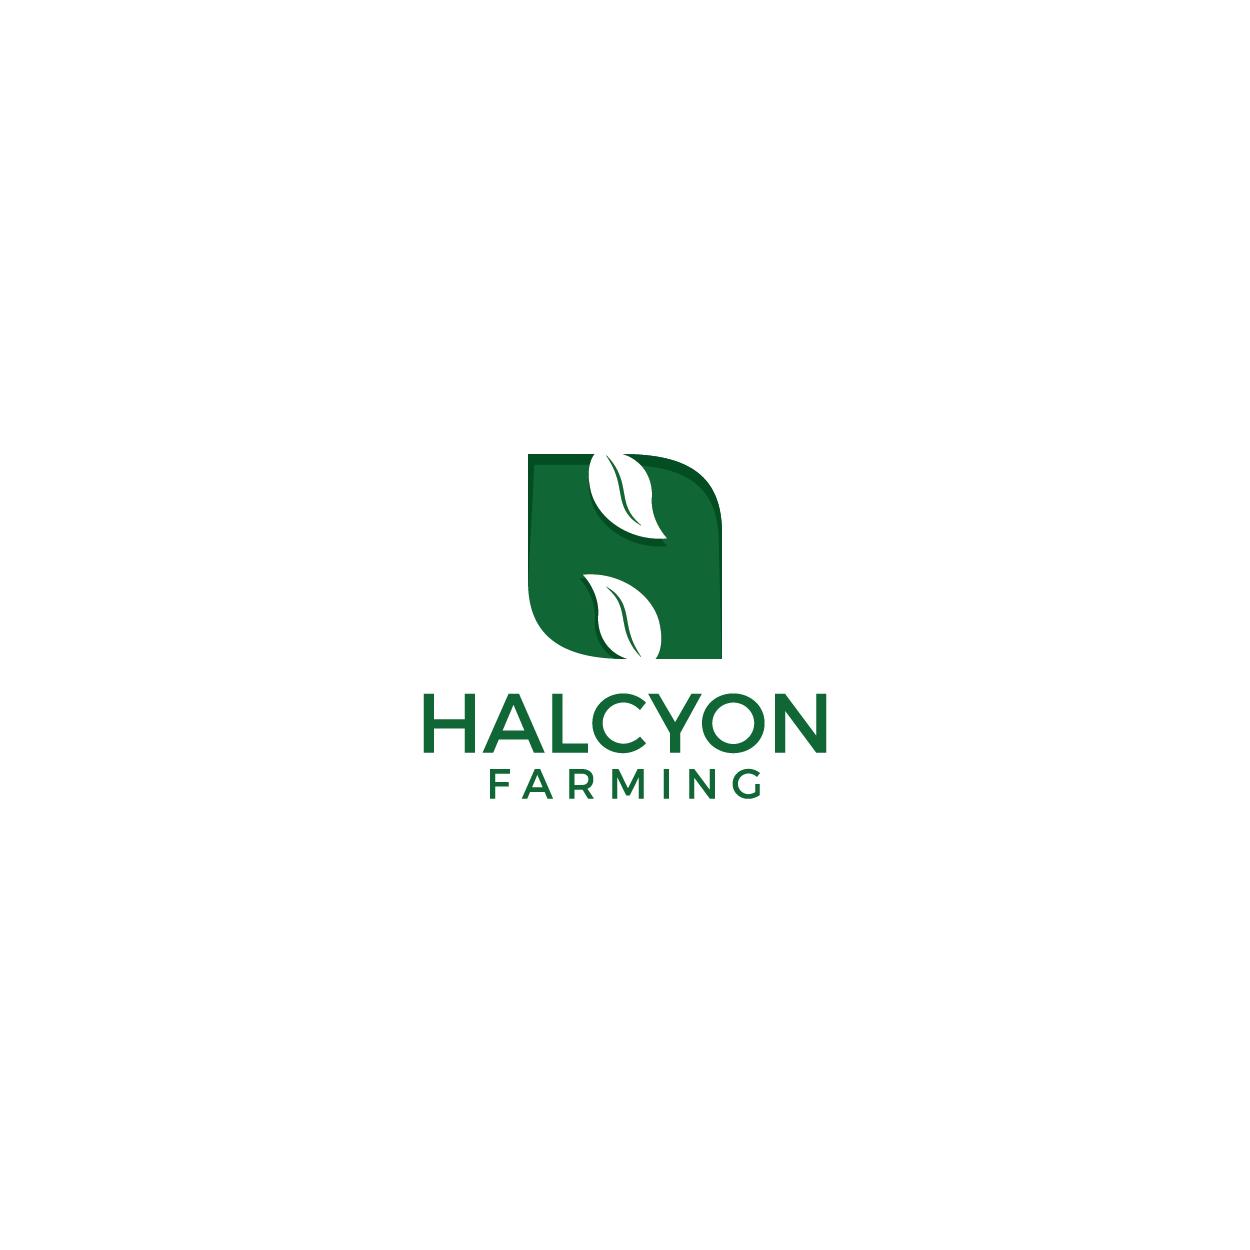 Logo Design by 354studio - Entry No. 82 in the Logo Design Contest Creative Logo Design for Halcyon Farming.